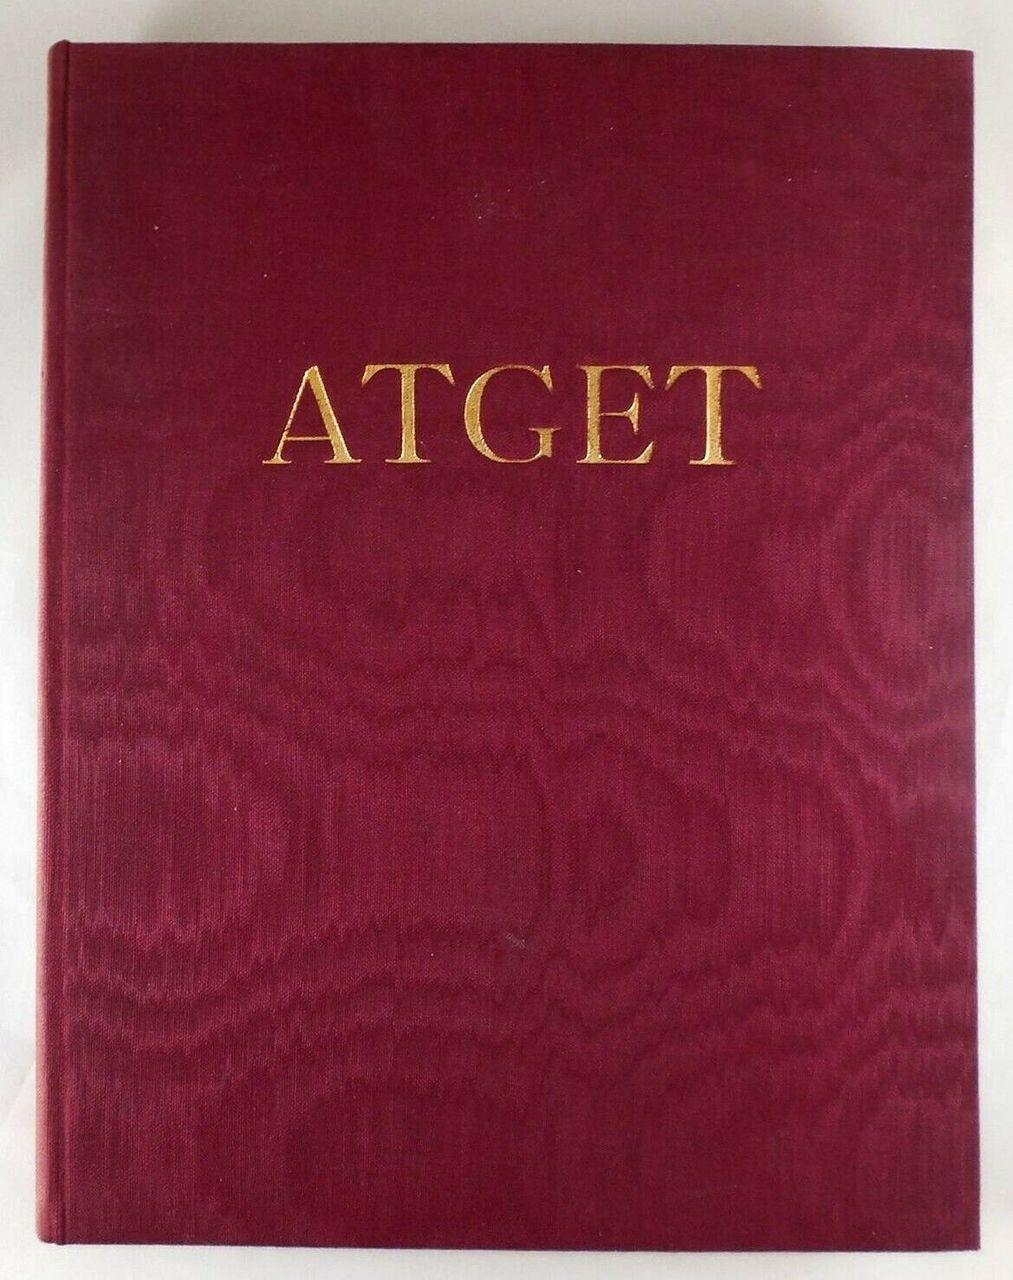 ATGET, PHOTOGRAPHE DE PARIS -1930 [1st Ed]